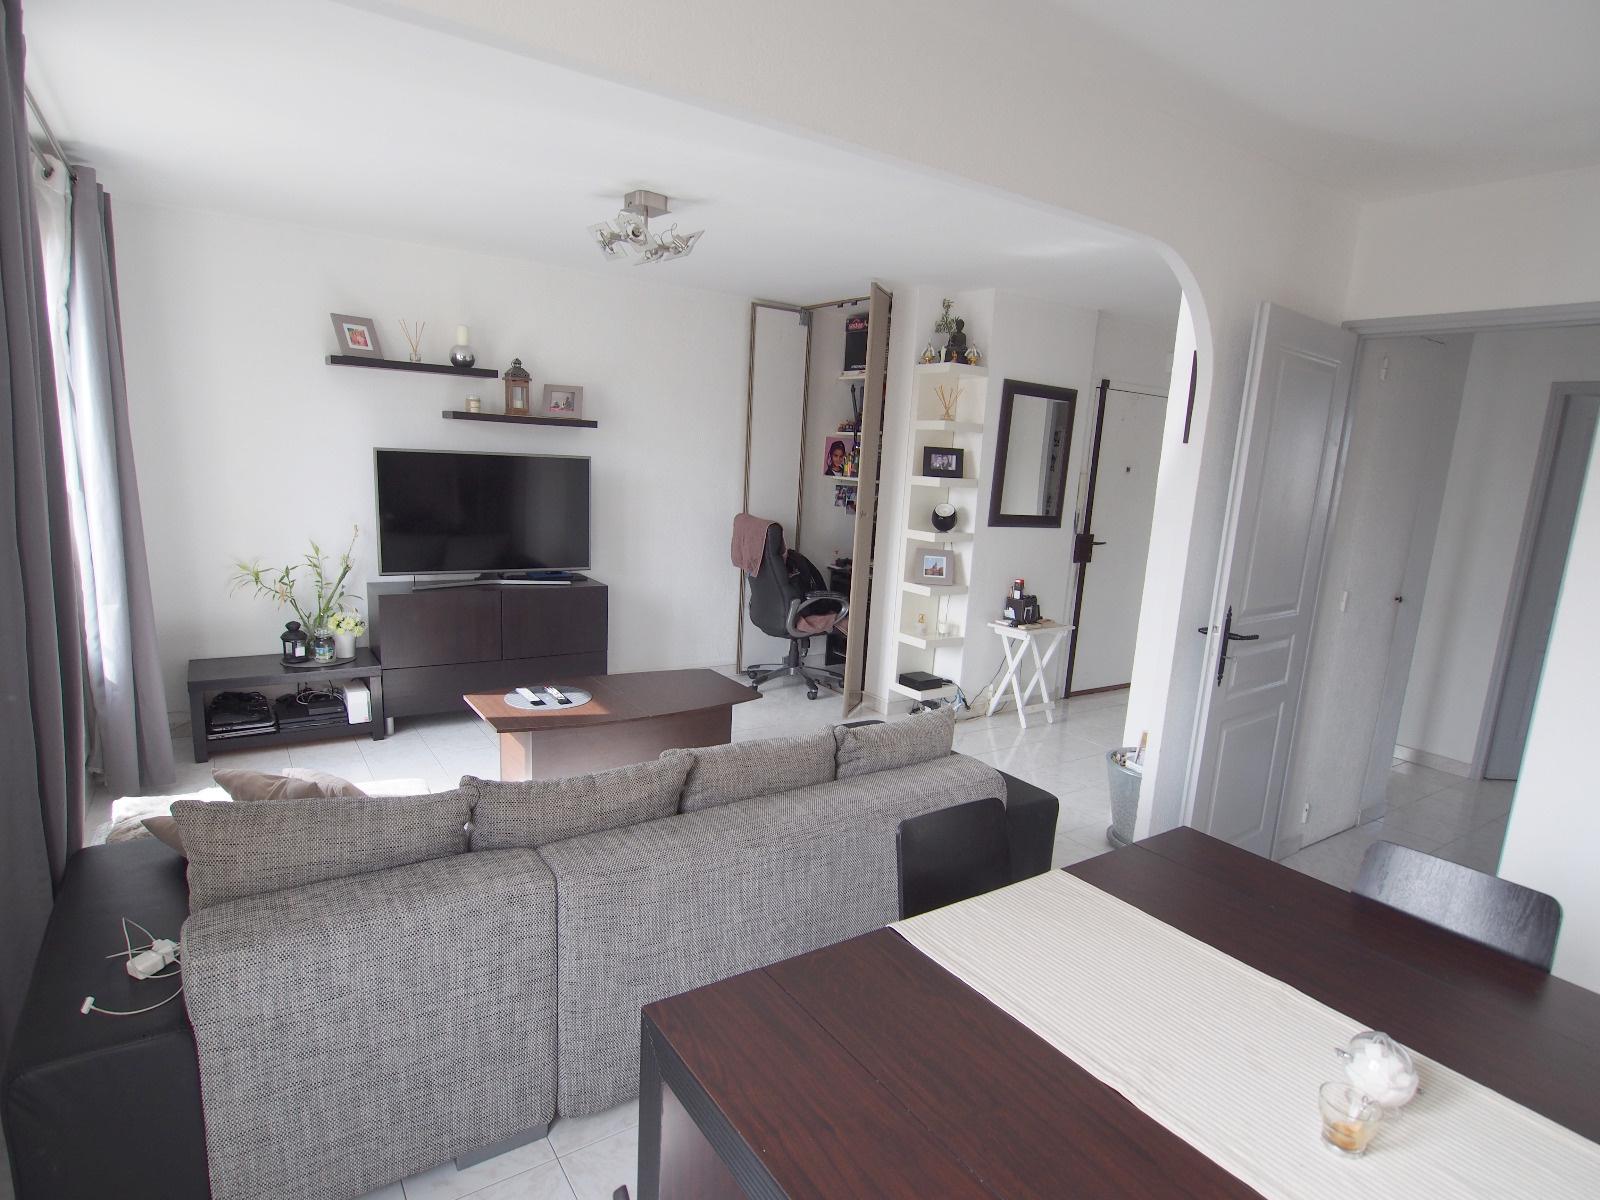 Annonce Vente Appartement Marseille 10 50 M 143 500 992738597190